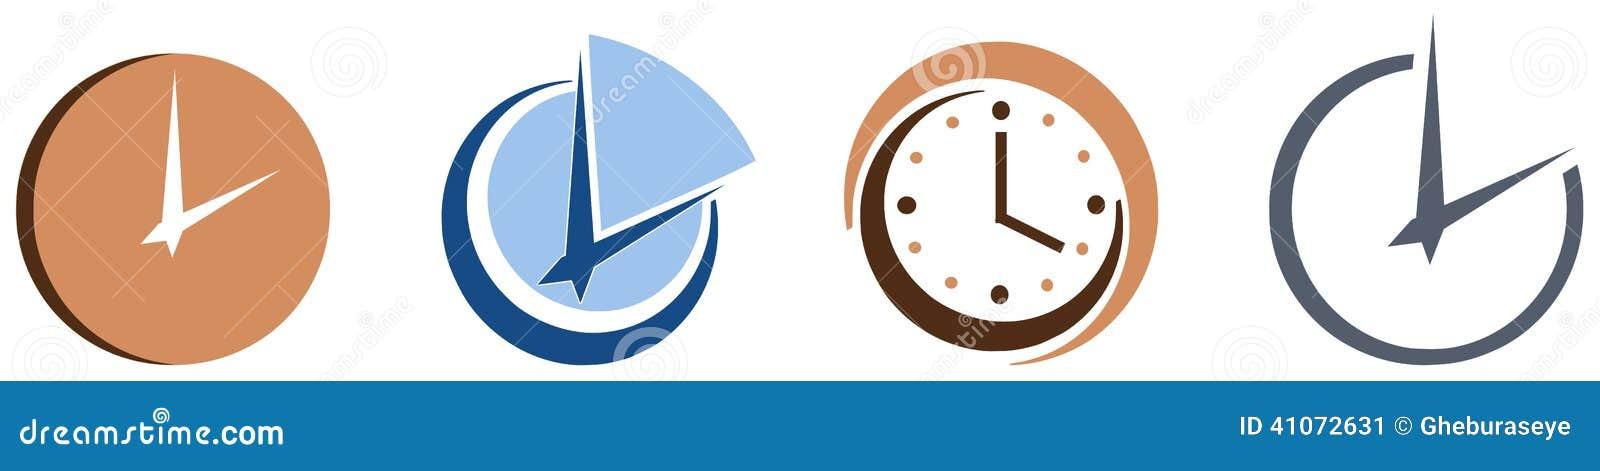 Orologi stilizzati